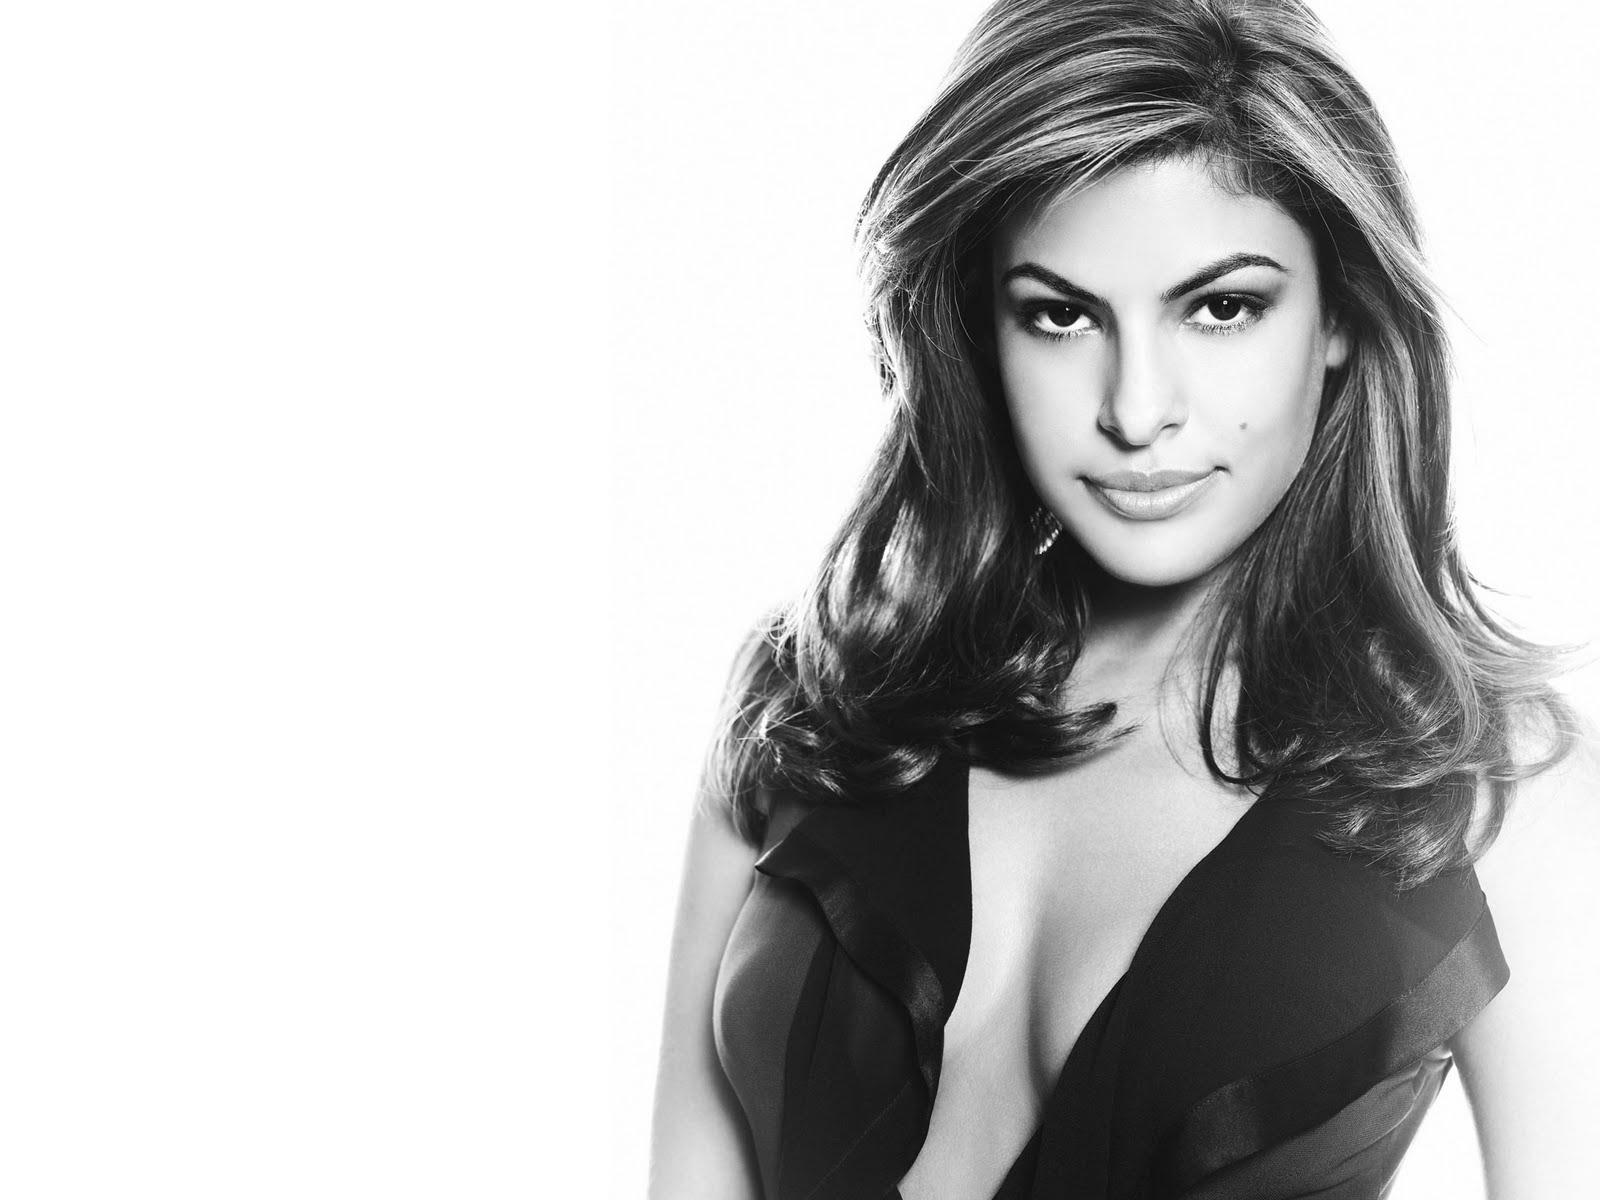 Eva mendes sexy wallpaper shoulders down